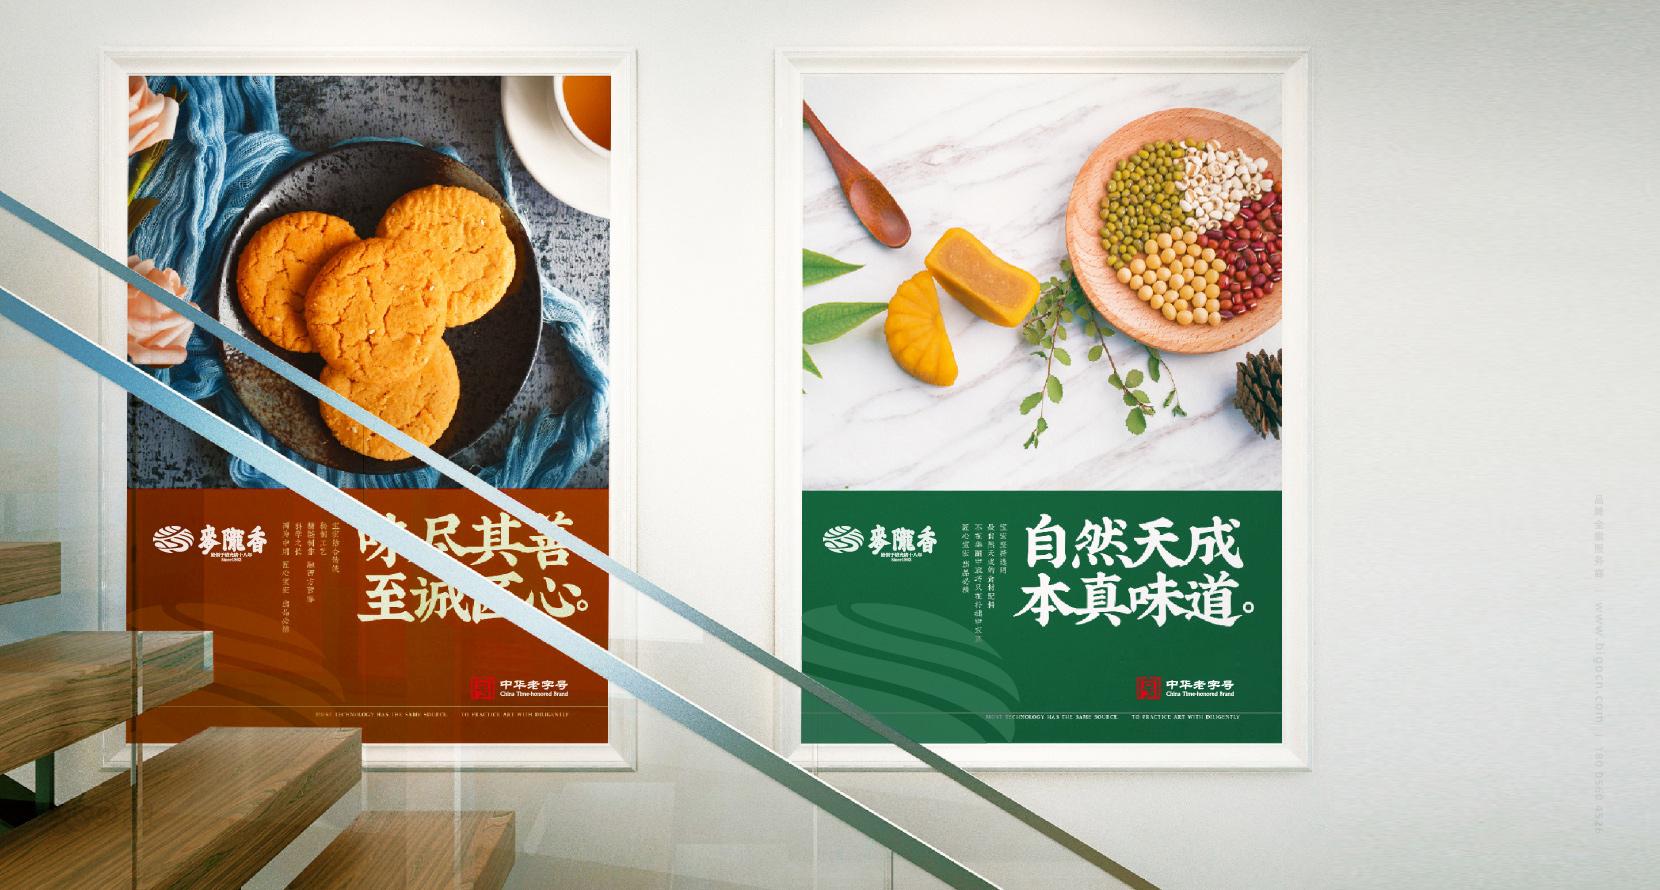 麦陇香食品(中华)